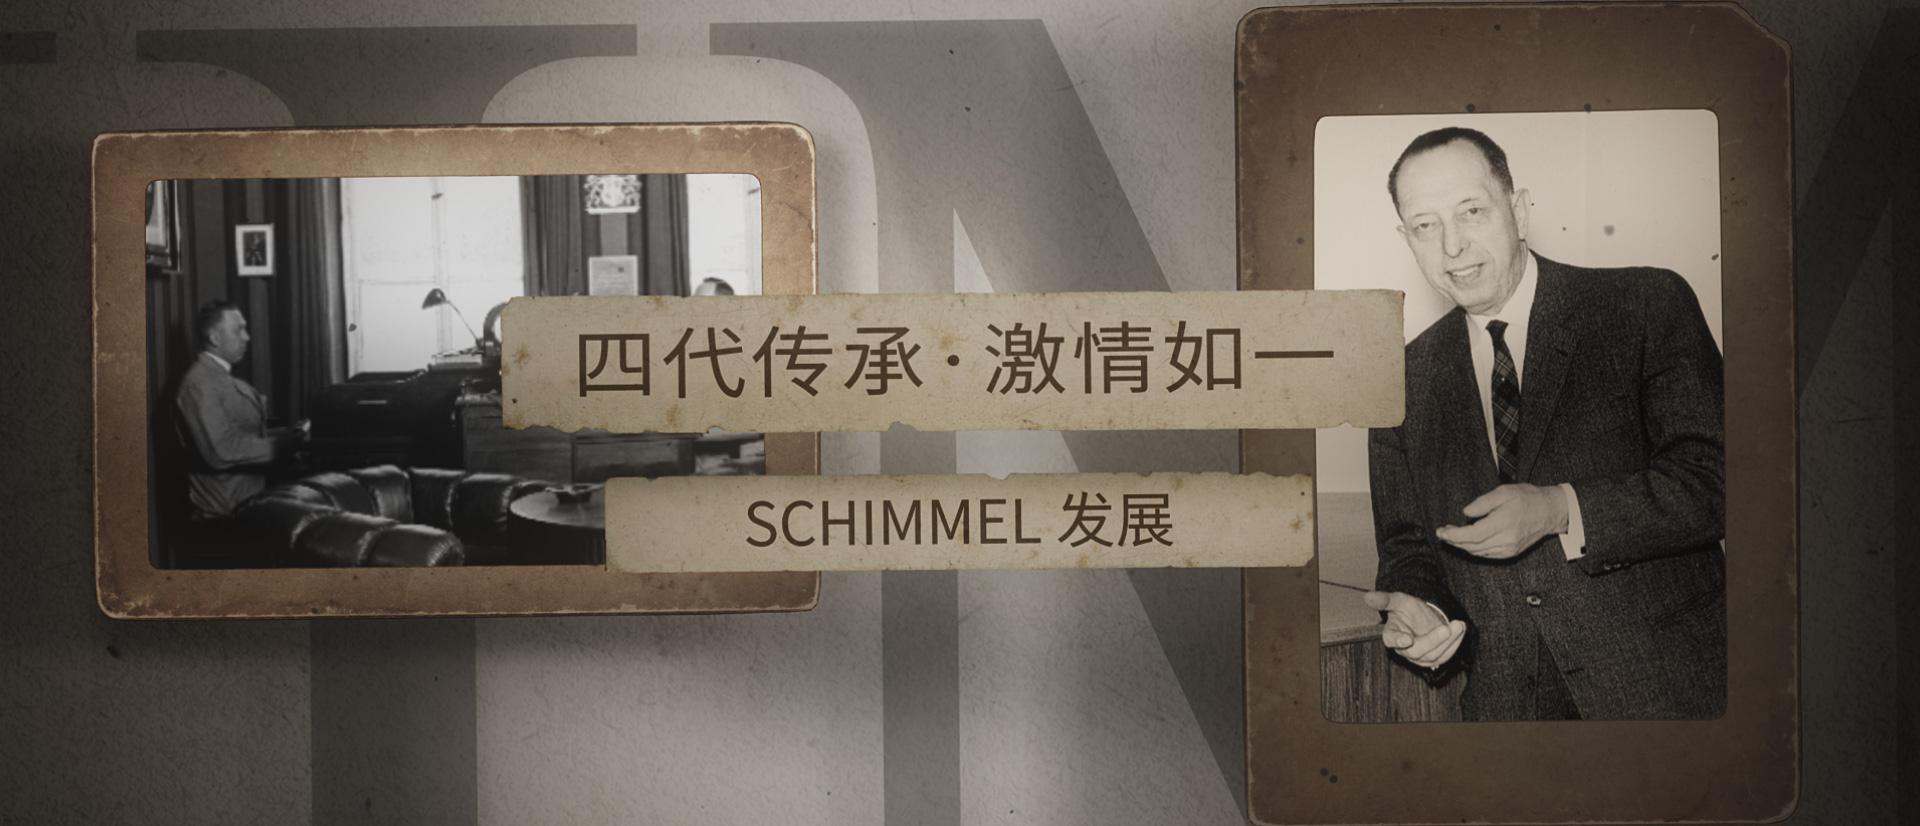 四代传承,激情如一 ——SCHIMMEL发展(二)